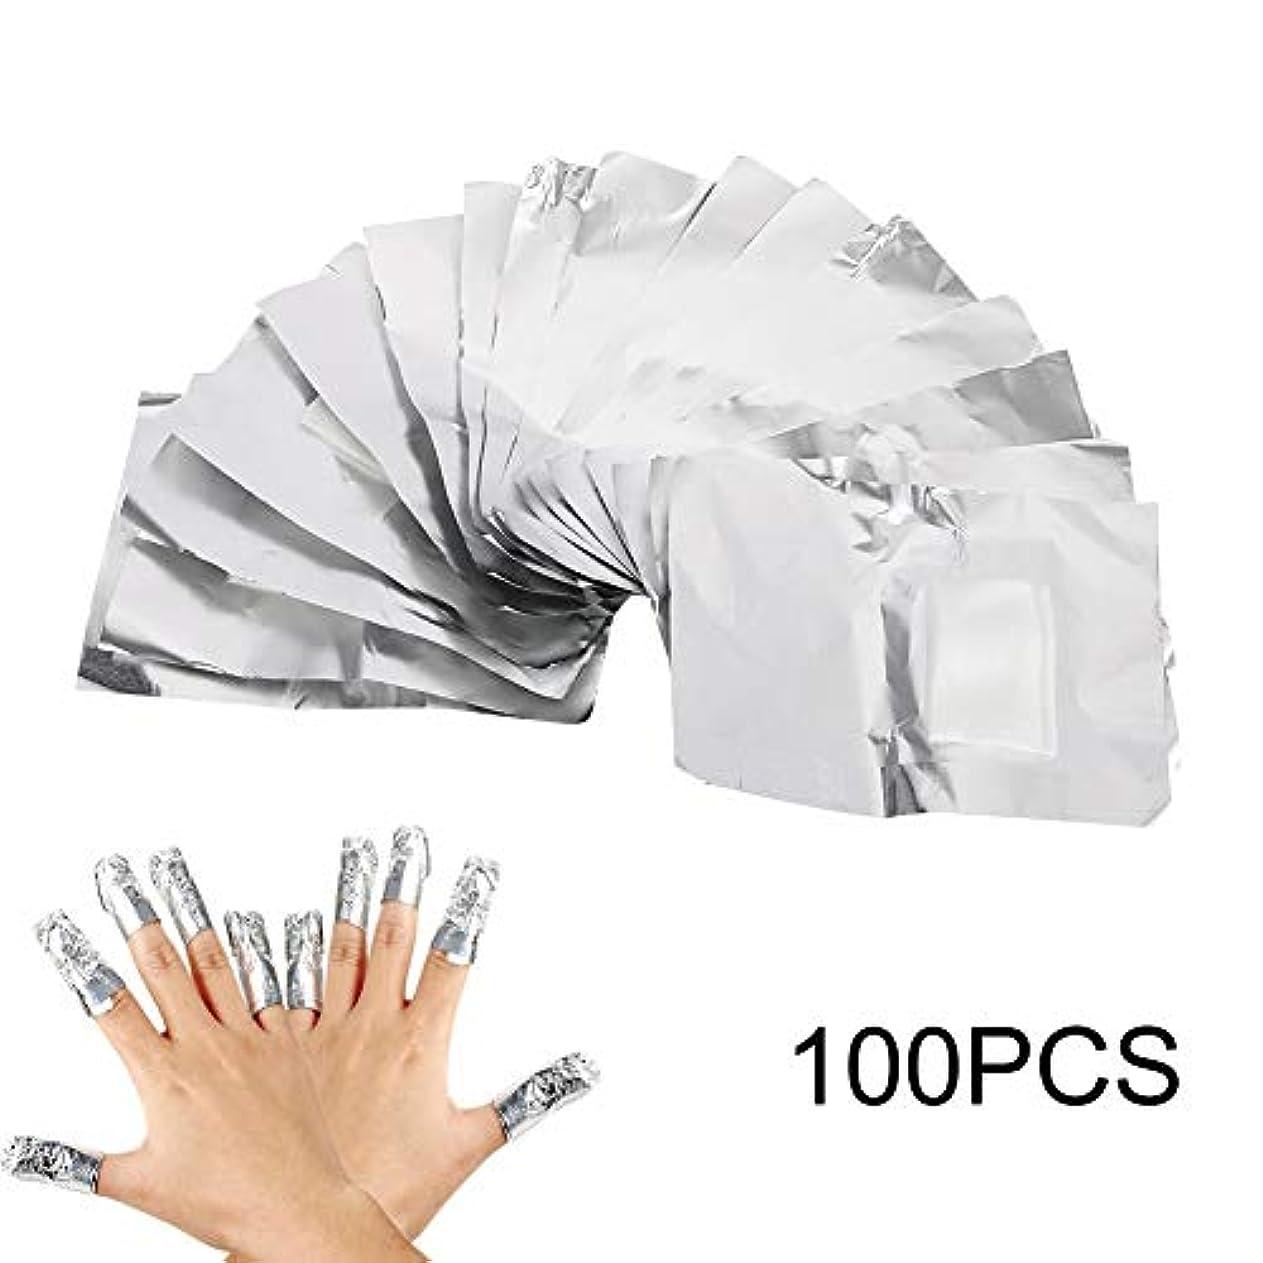 非互換製作チャームネイル除去ホイルラップ 100ピース プロアルミホイルジェルポリッシュ除去ネイルアートリムーバーソークオフジェルラップ